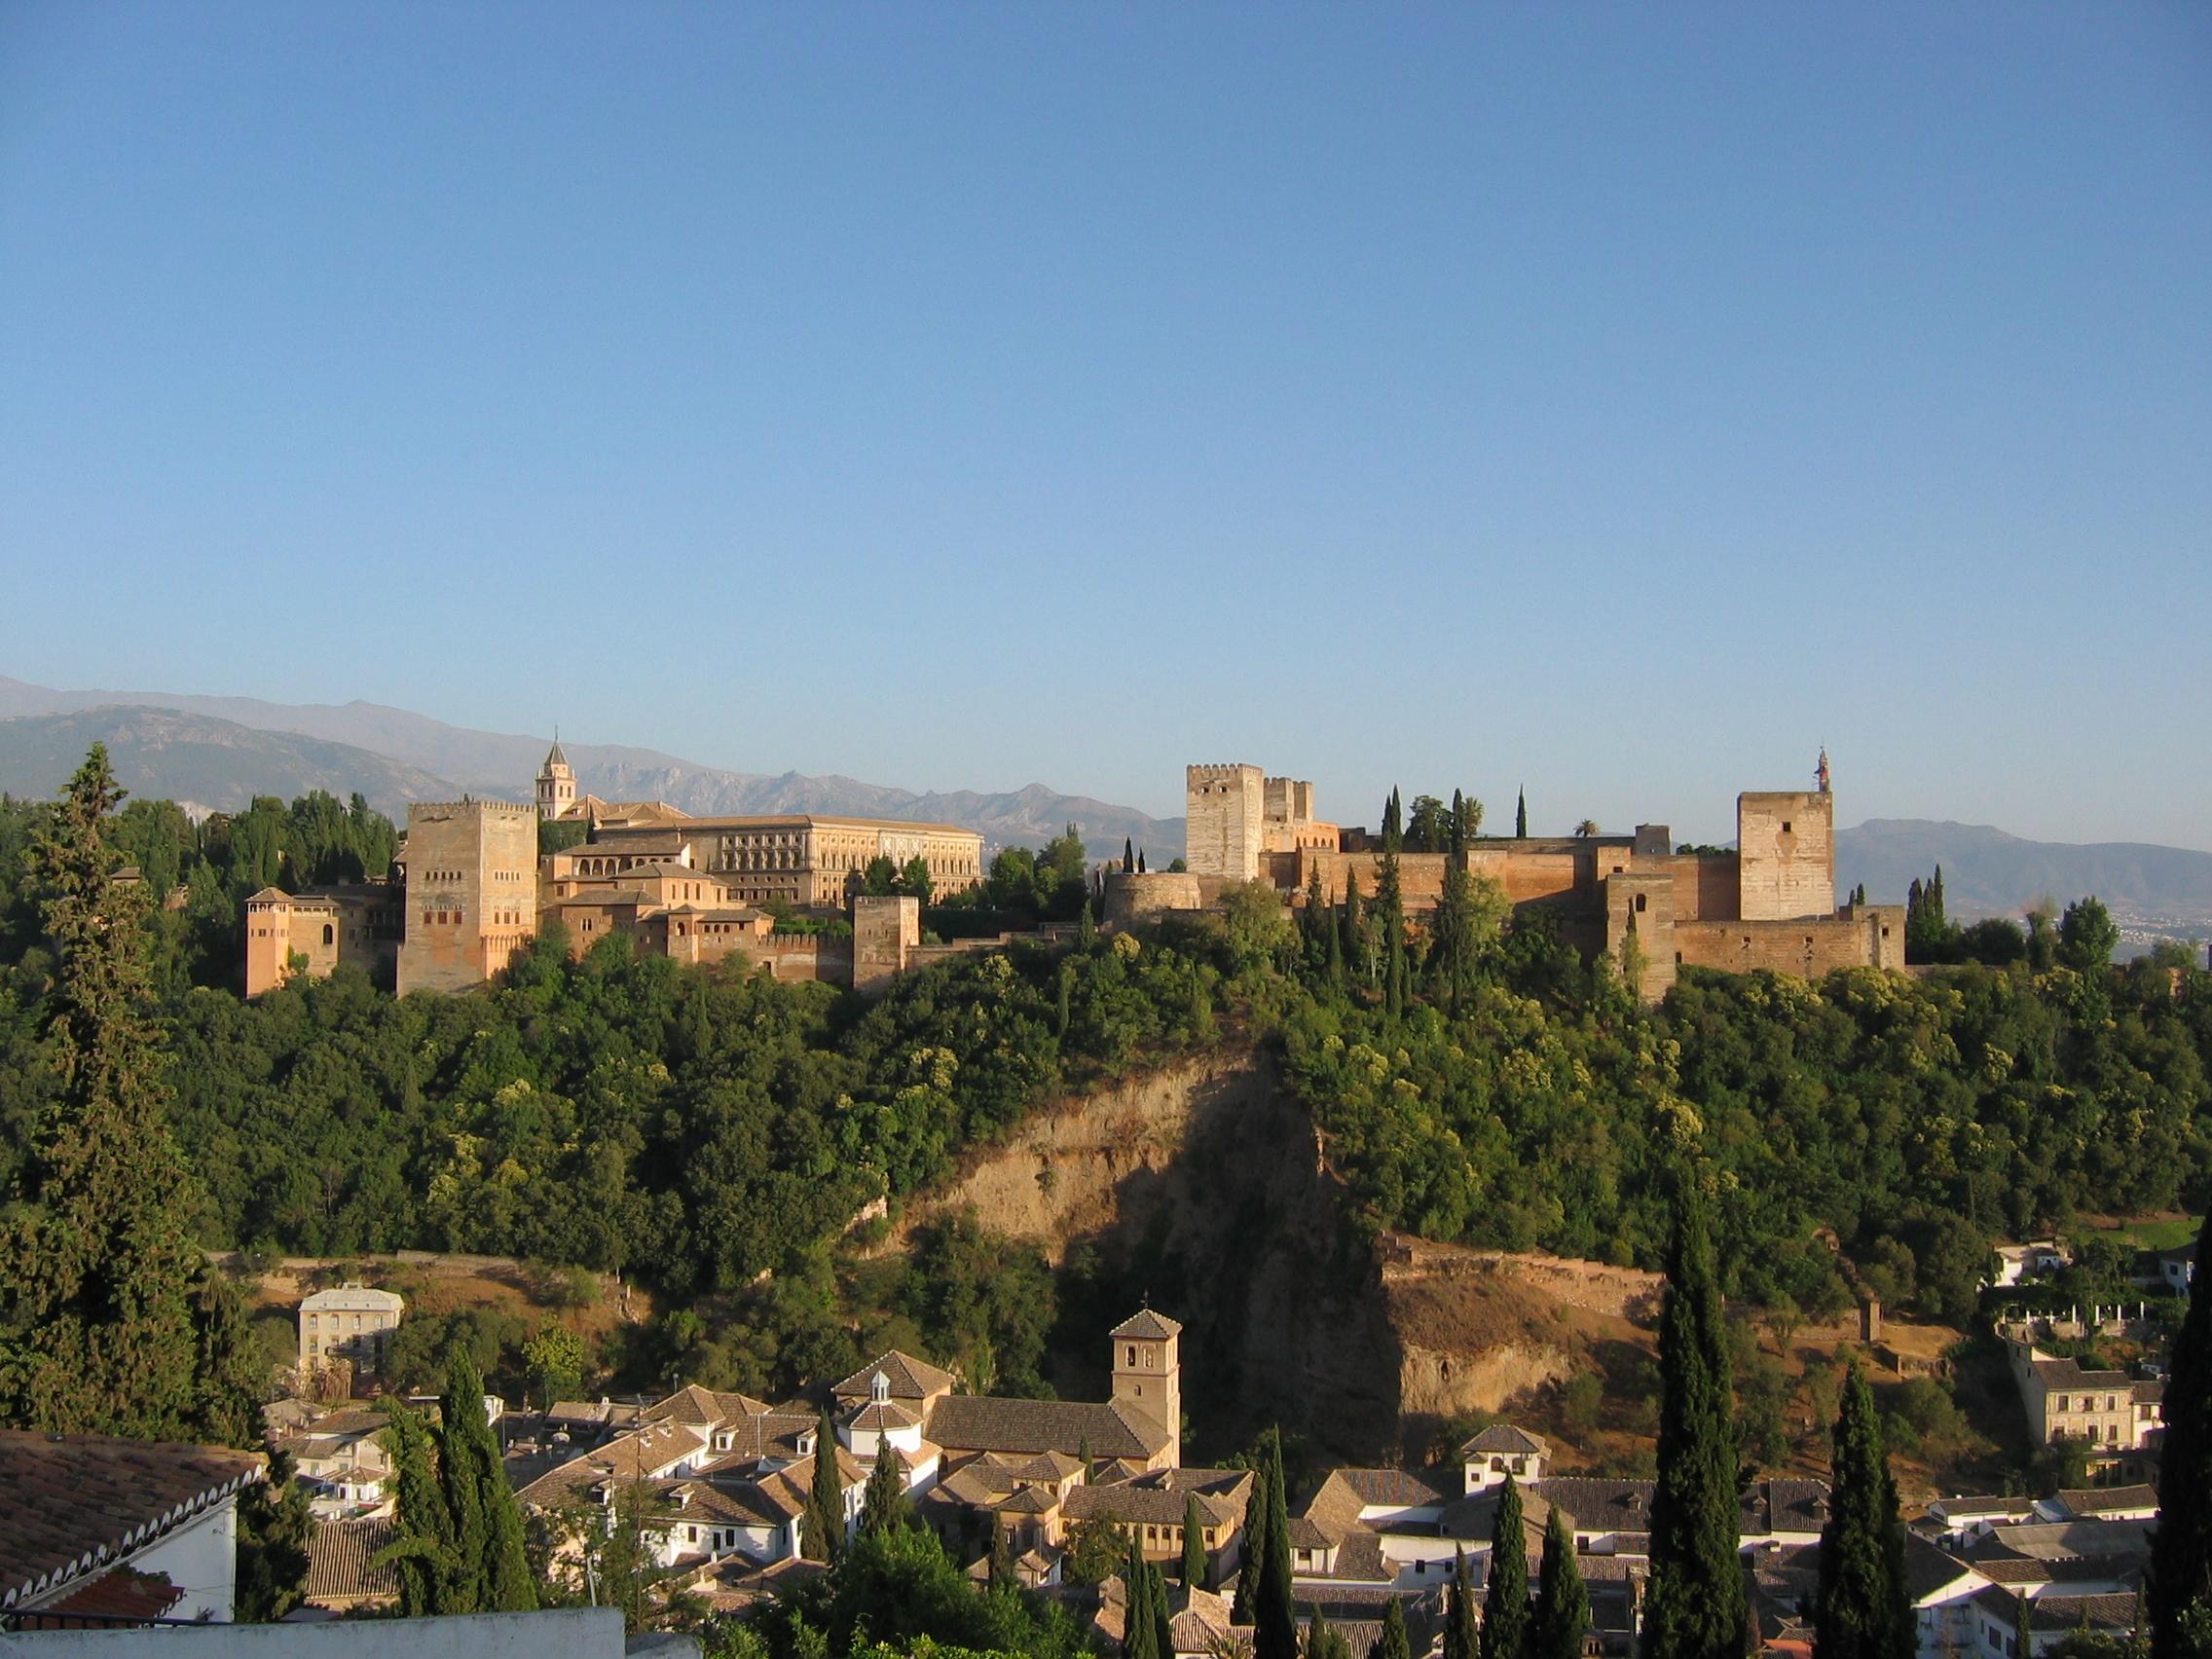 Archivo alhambra granada desde wikipedia - M a interiorismo cb granada ...